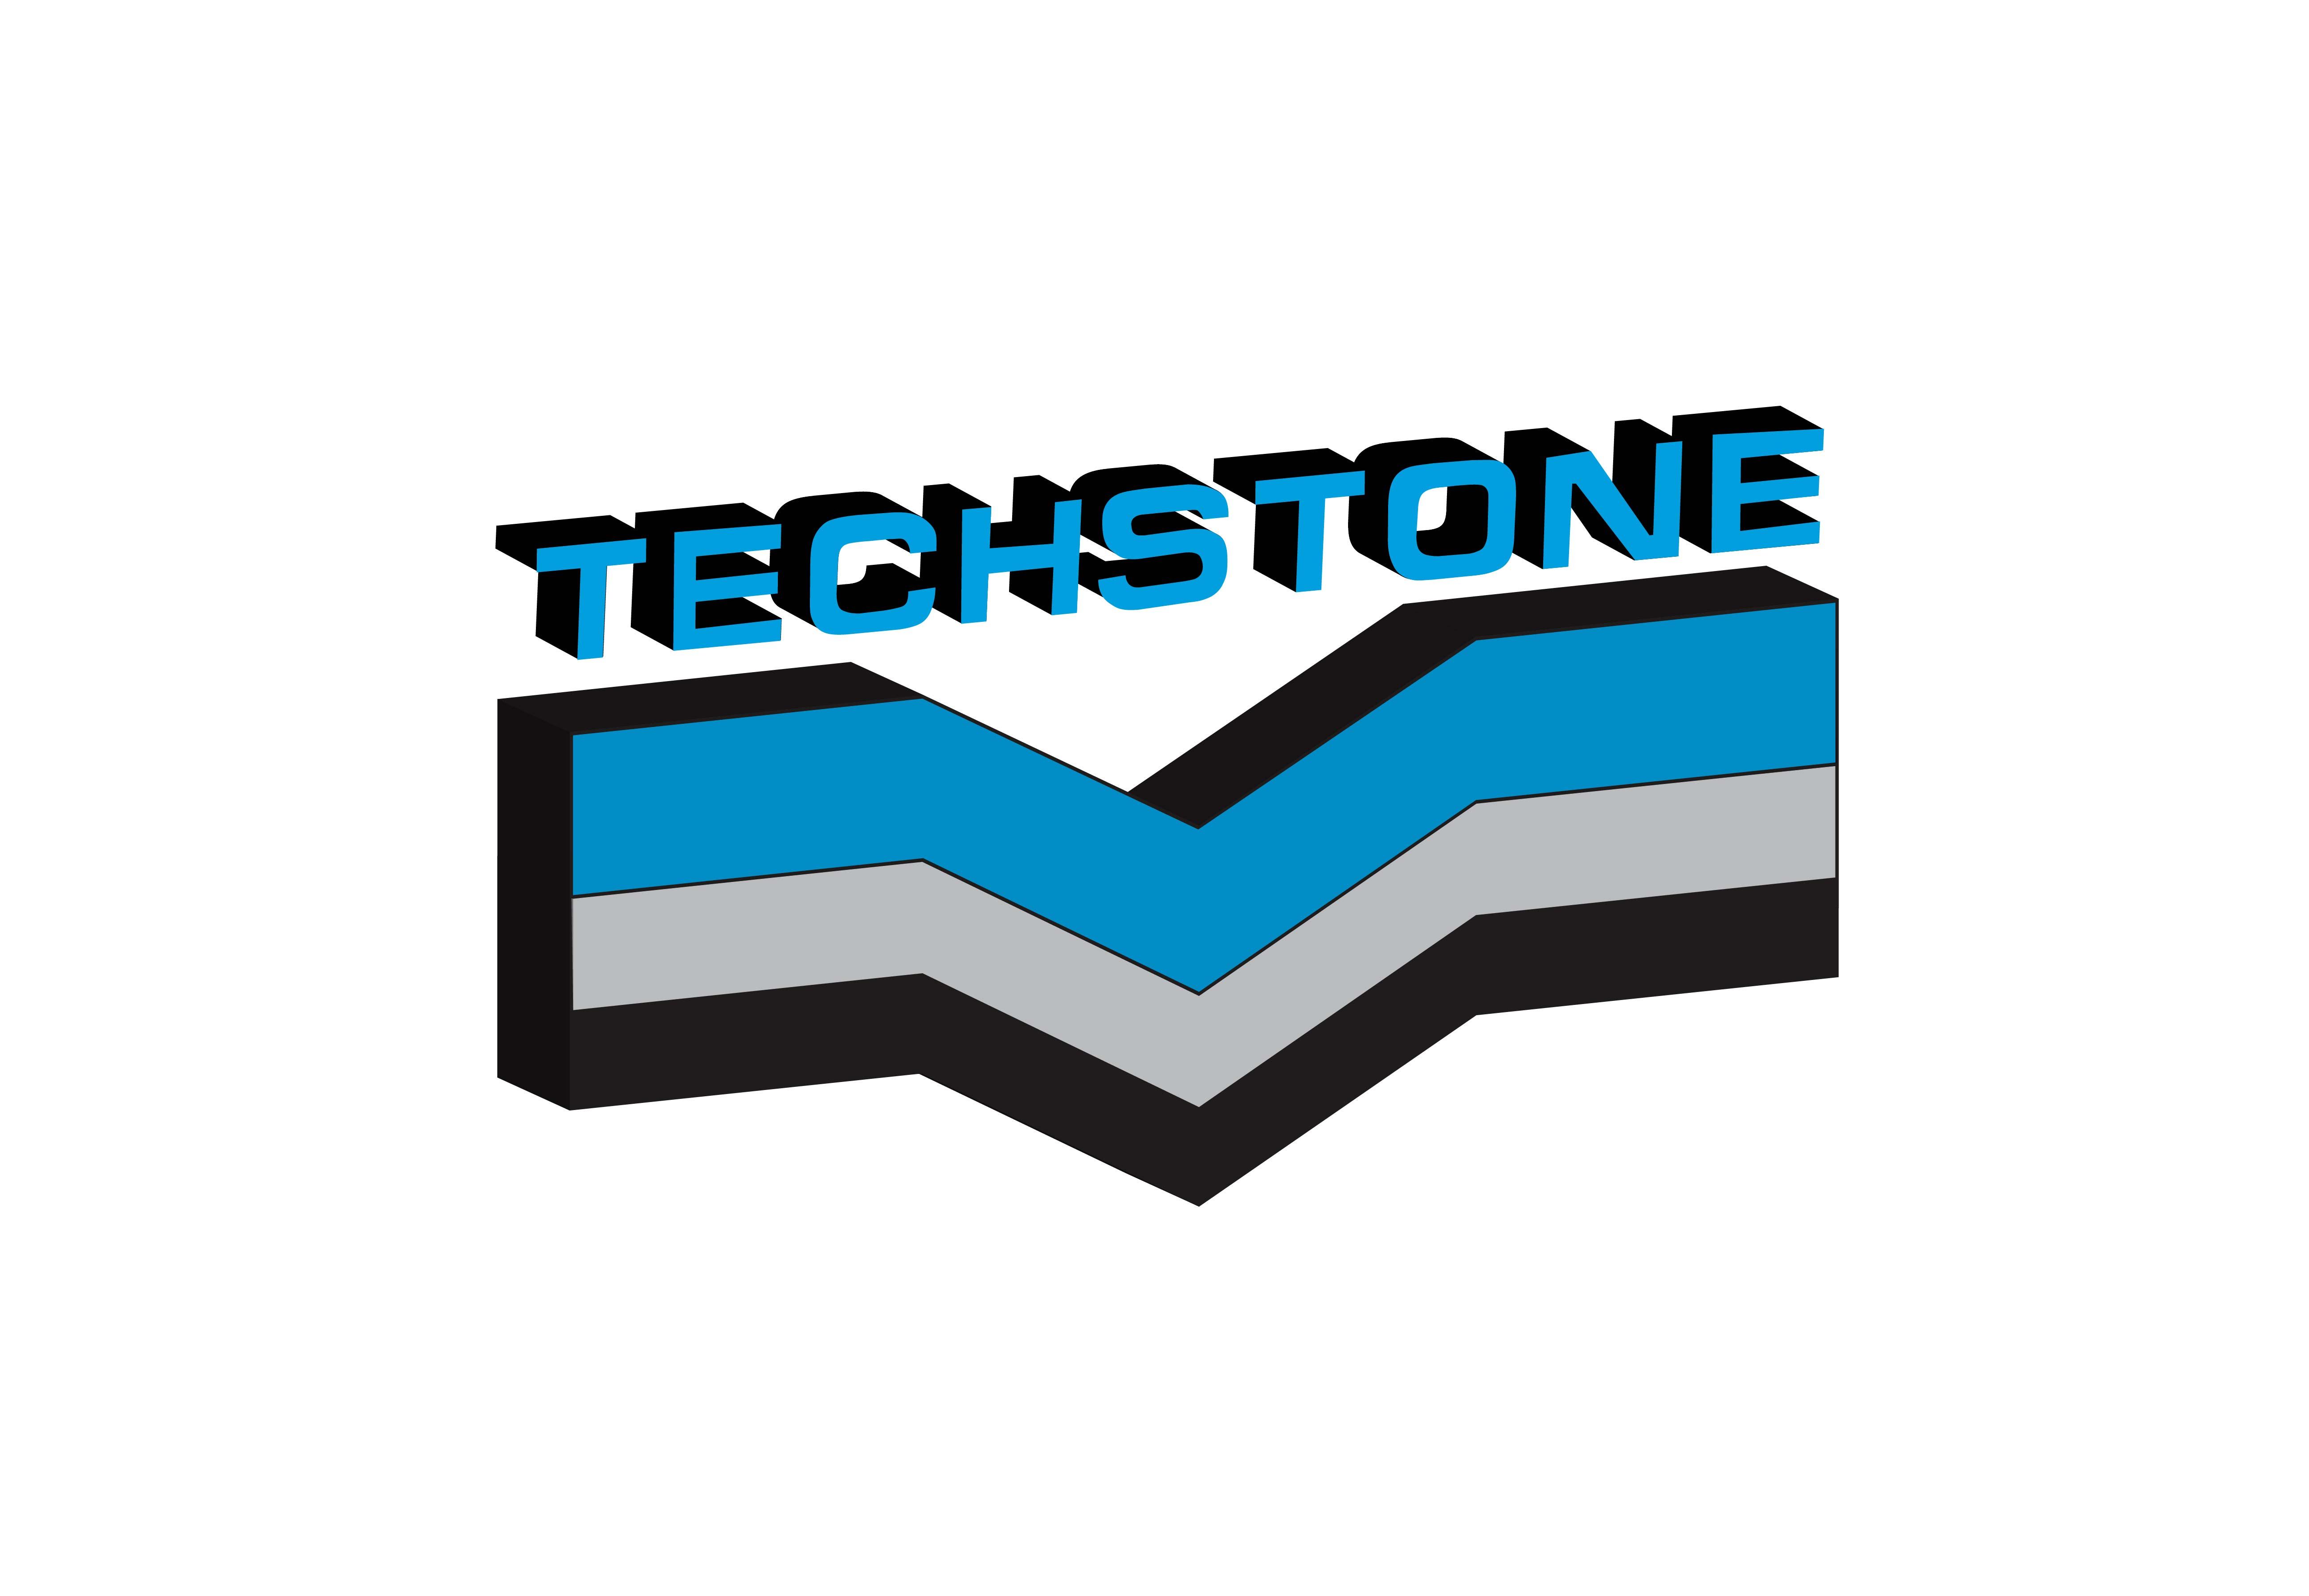 Объёмная версия логотипа